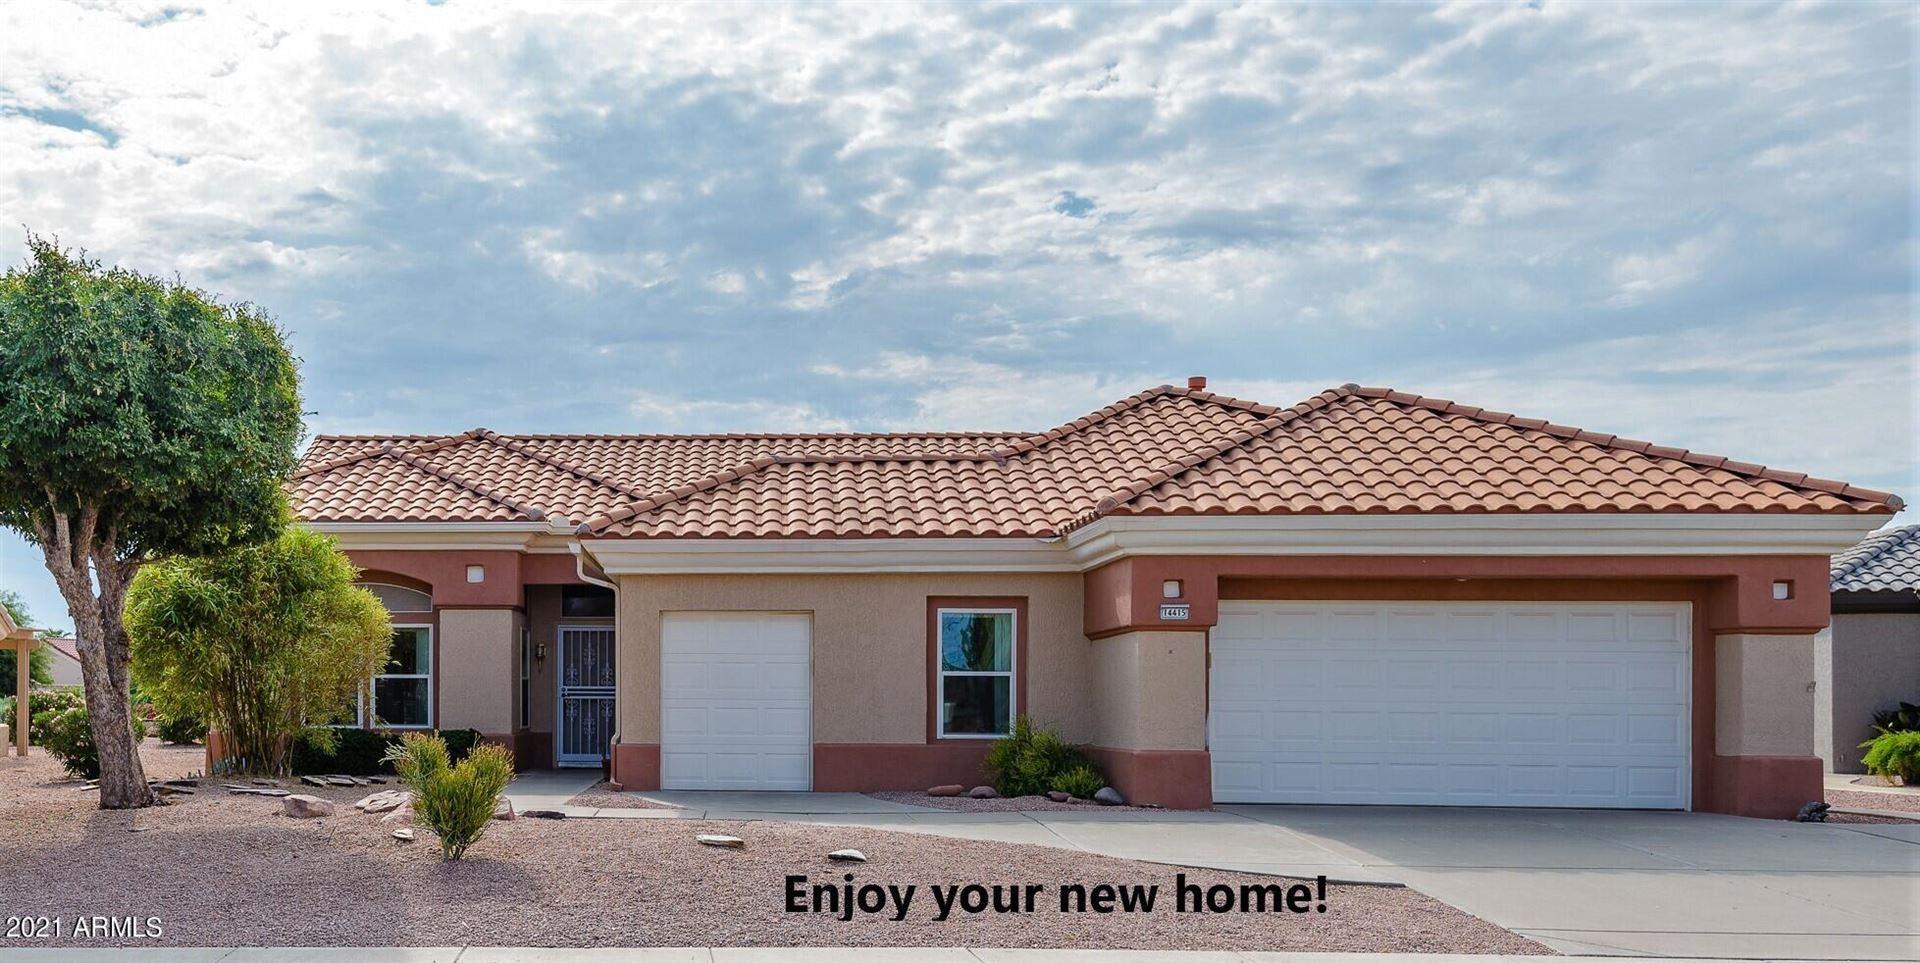 14415 W BLACK GOLD Lane, Sun City West, AZ 85375 - MLS#: 6279910